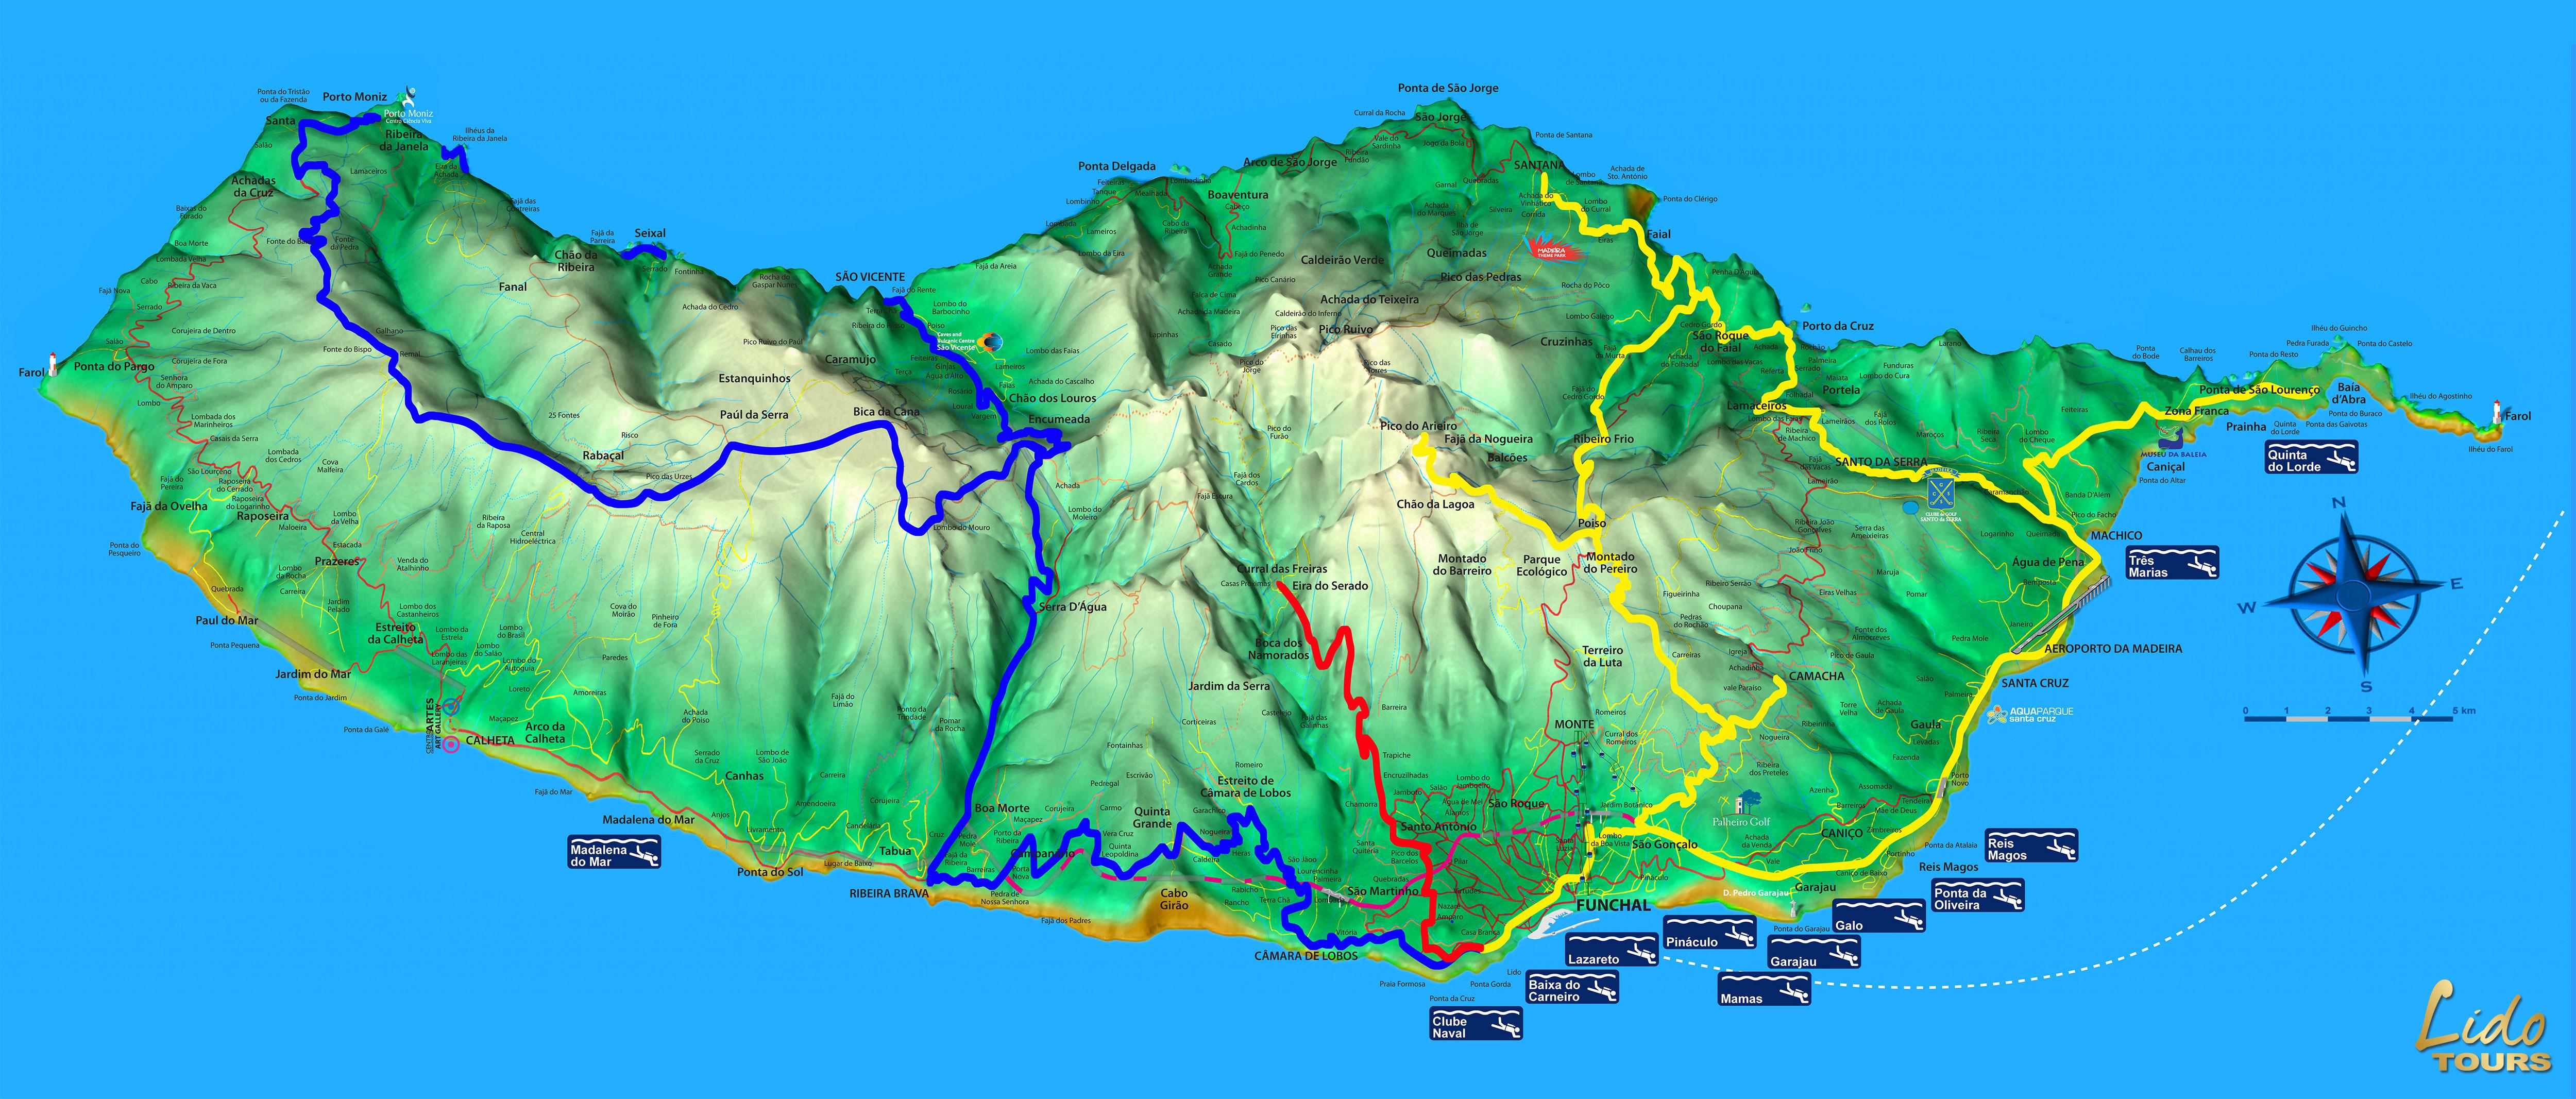 mapa madeira para imprimir Mapas da Madeira e mapa dos Hotéis no Funchal mapa madeira para imprimir